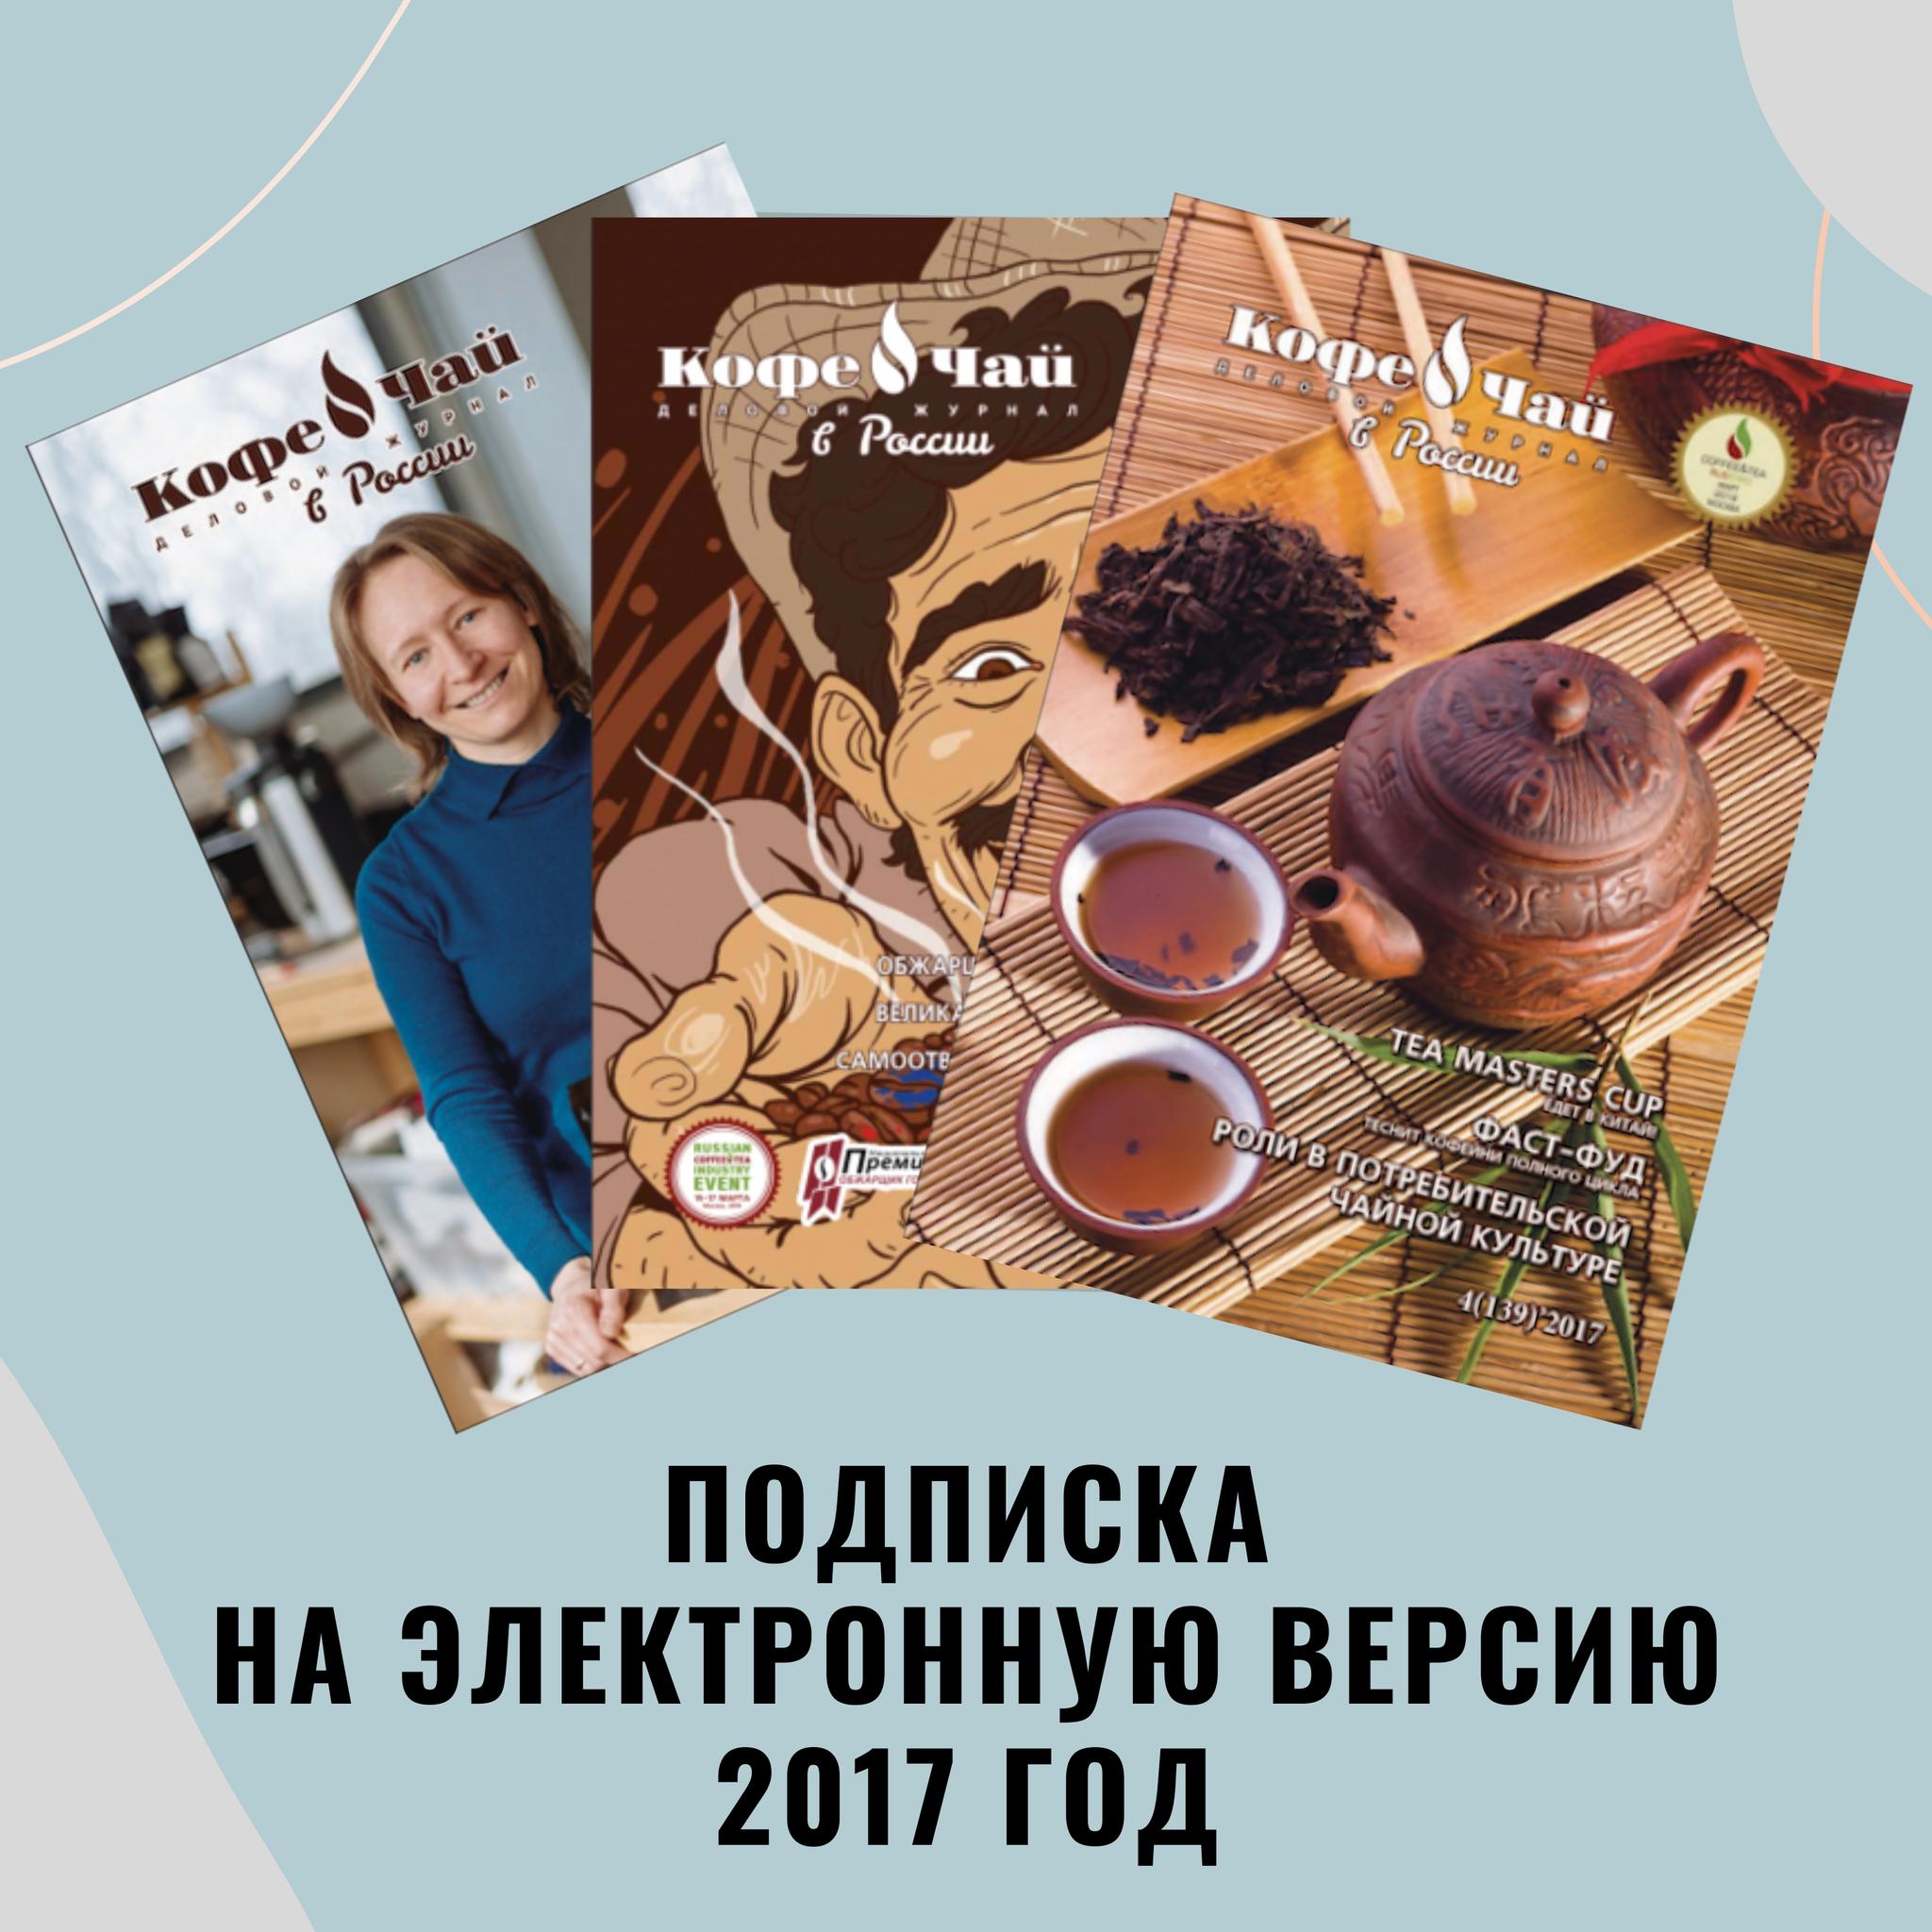 Кофе и Чай в России, архив (PDF файлы) номеров за 2017 год (электронная версия)